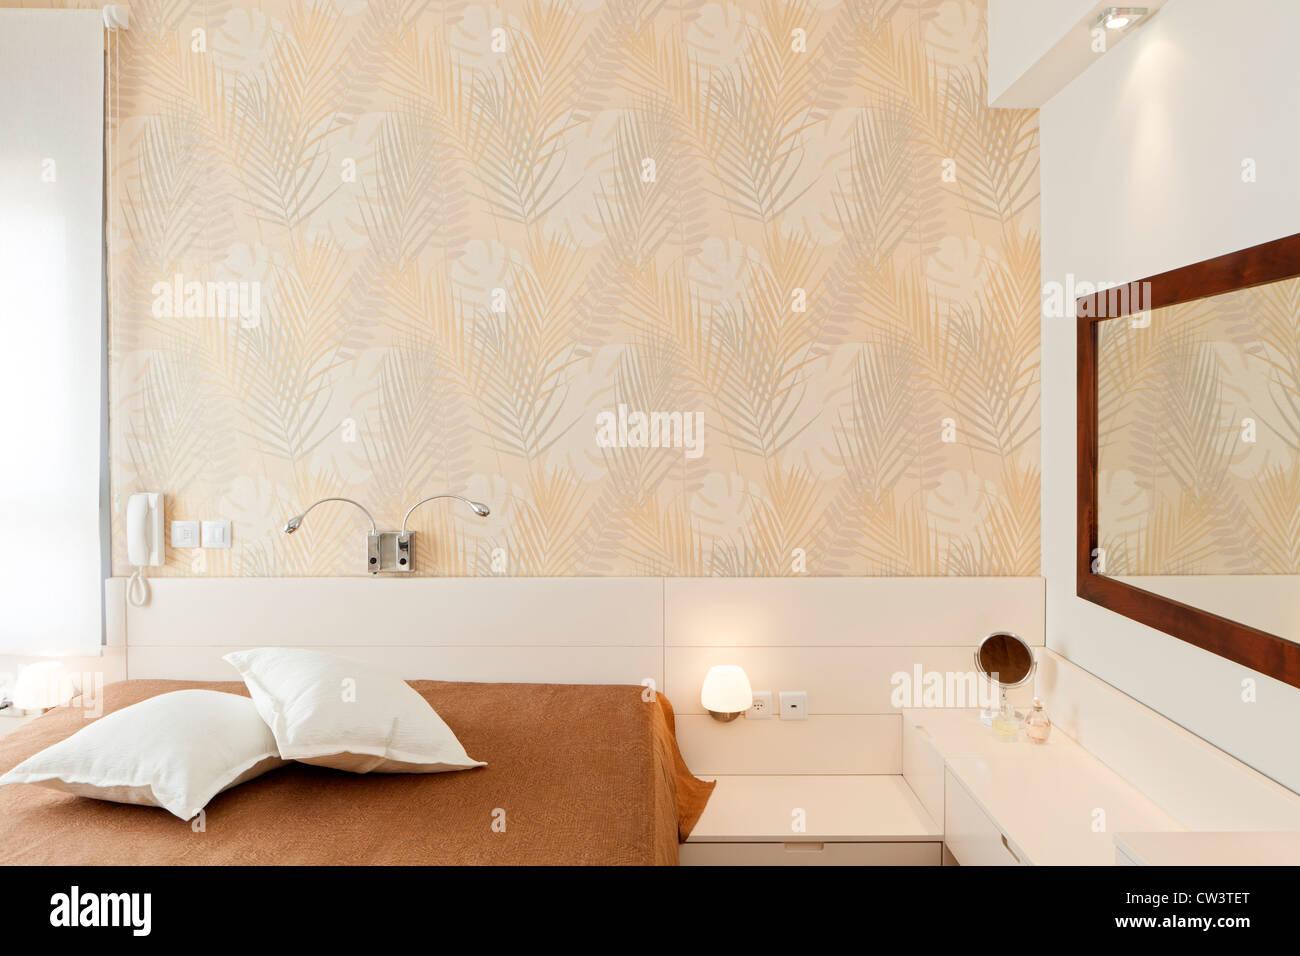 Moderner Luxus Schlafzimmer mit Tapete / Hotelzimmer ...